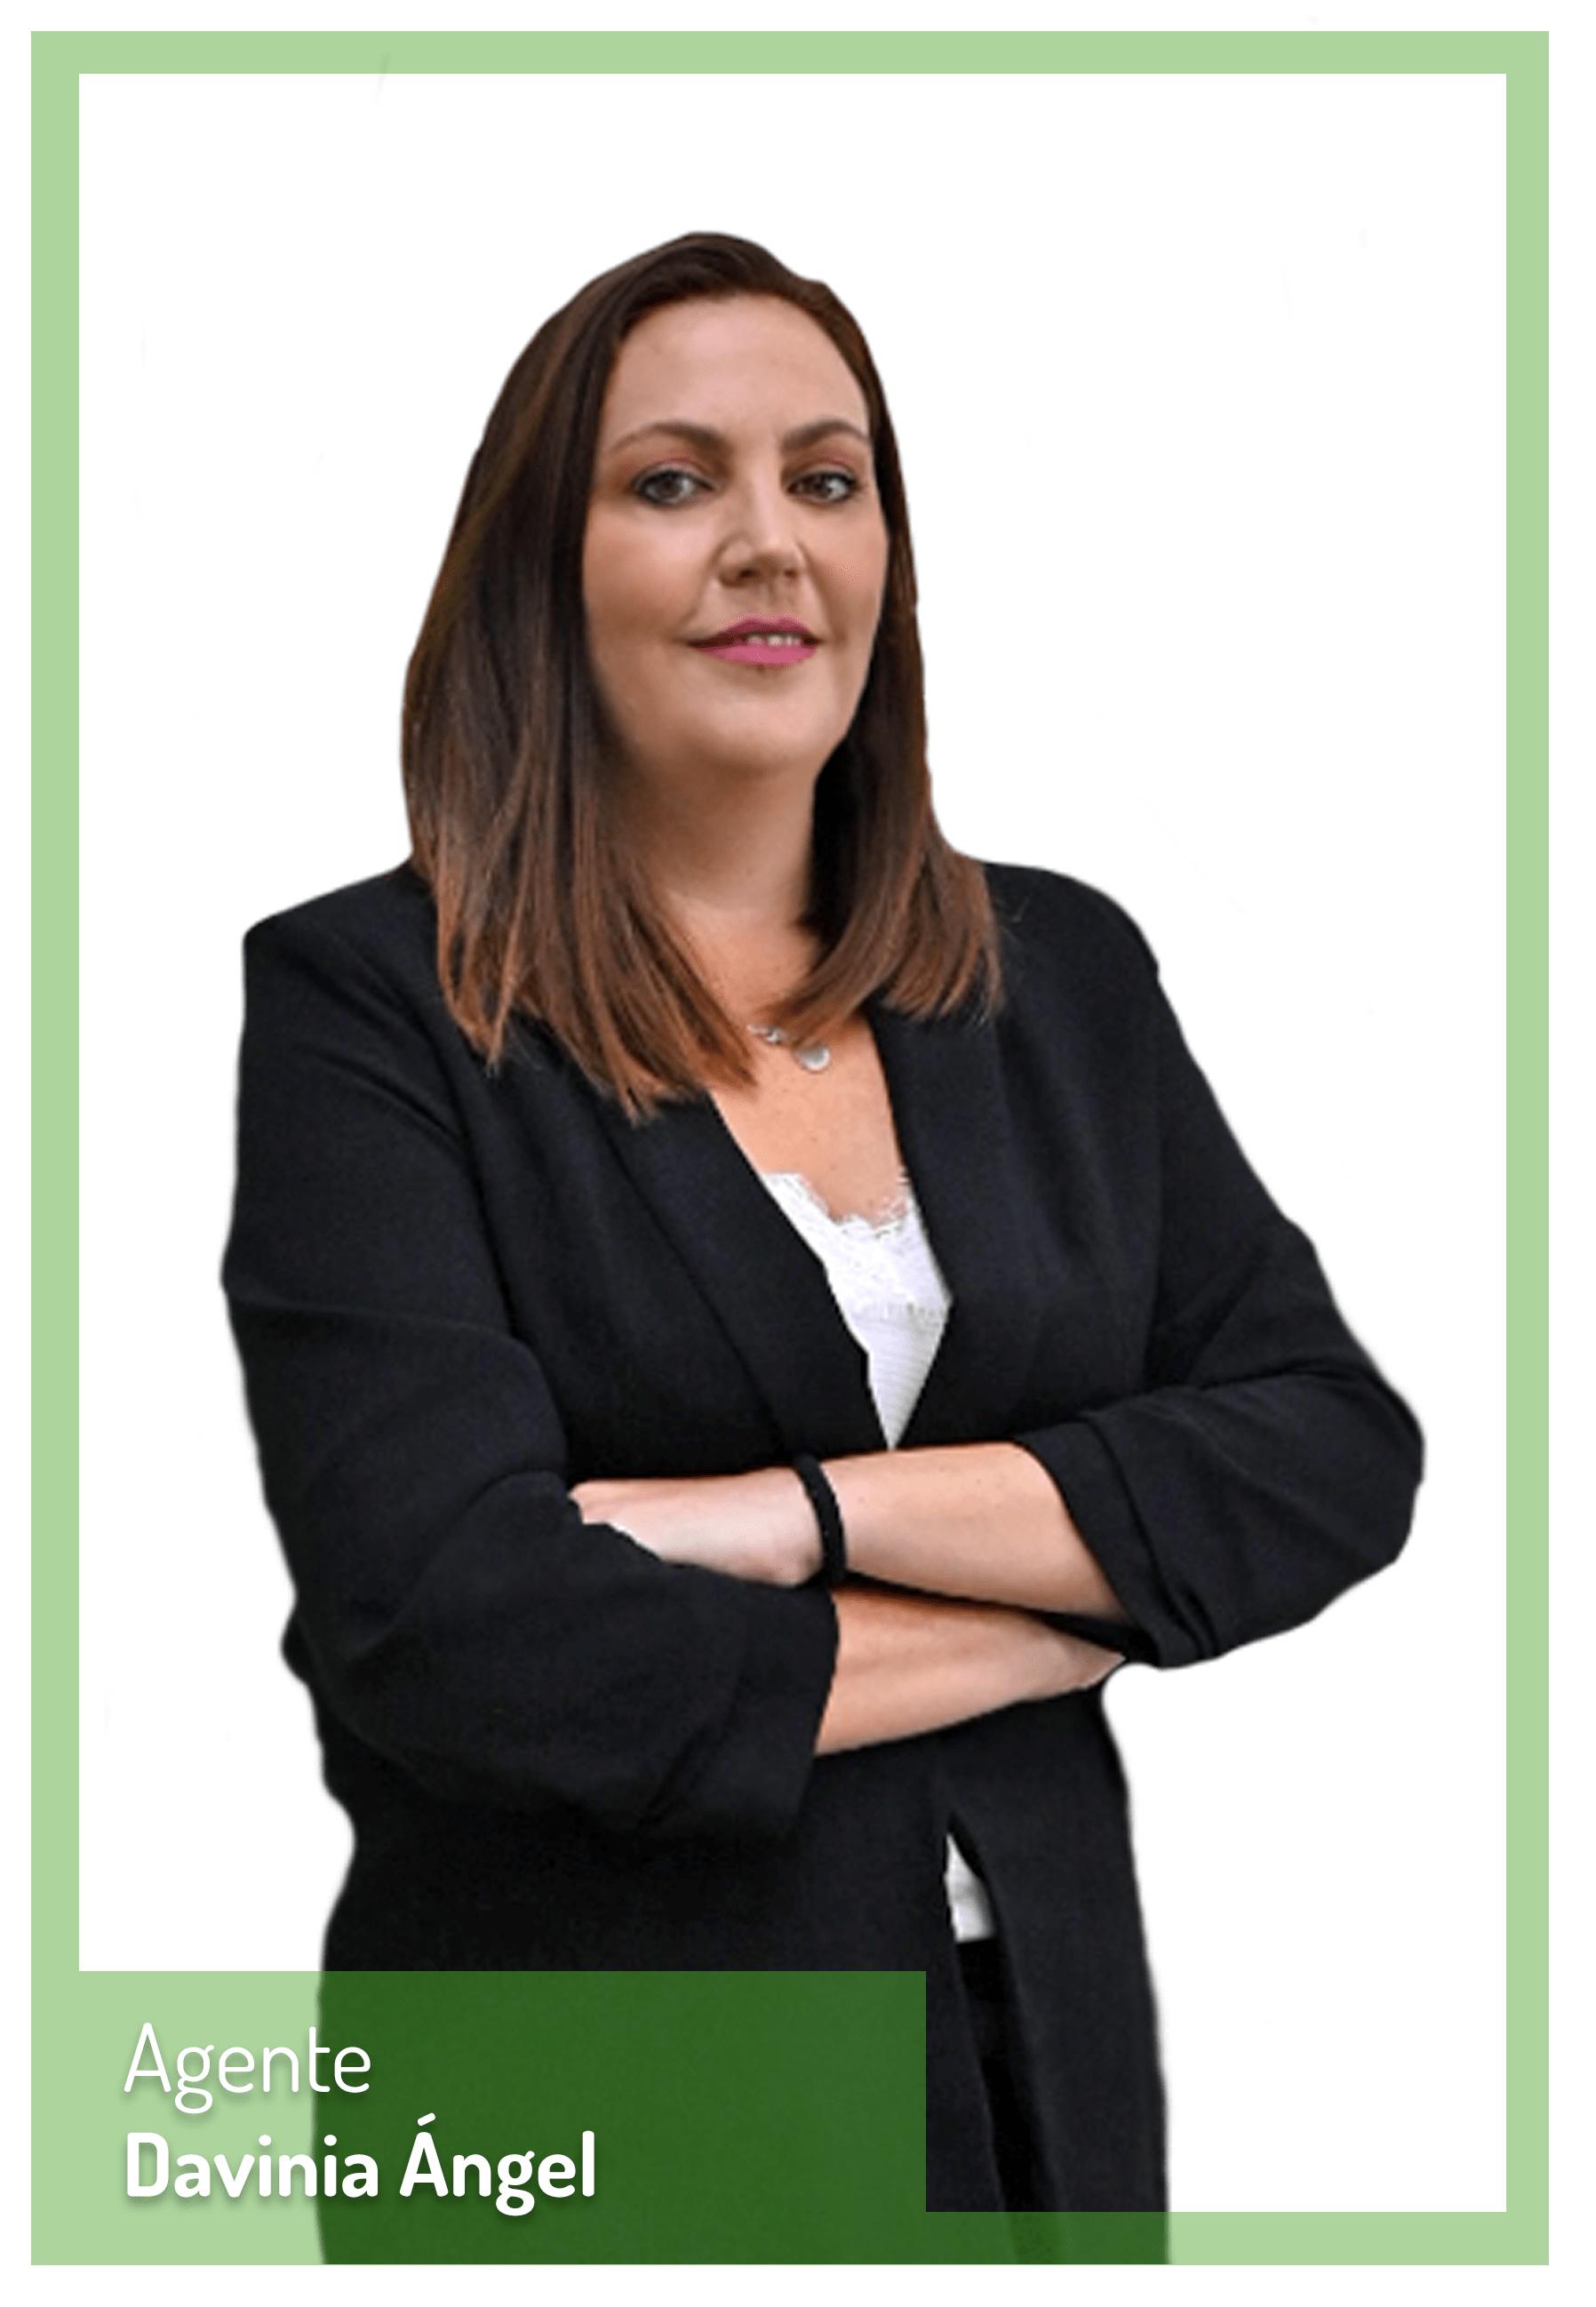 Davinia Angel asesora inmobiliaria Planetacasa El Rincon y La Cala Malaga